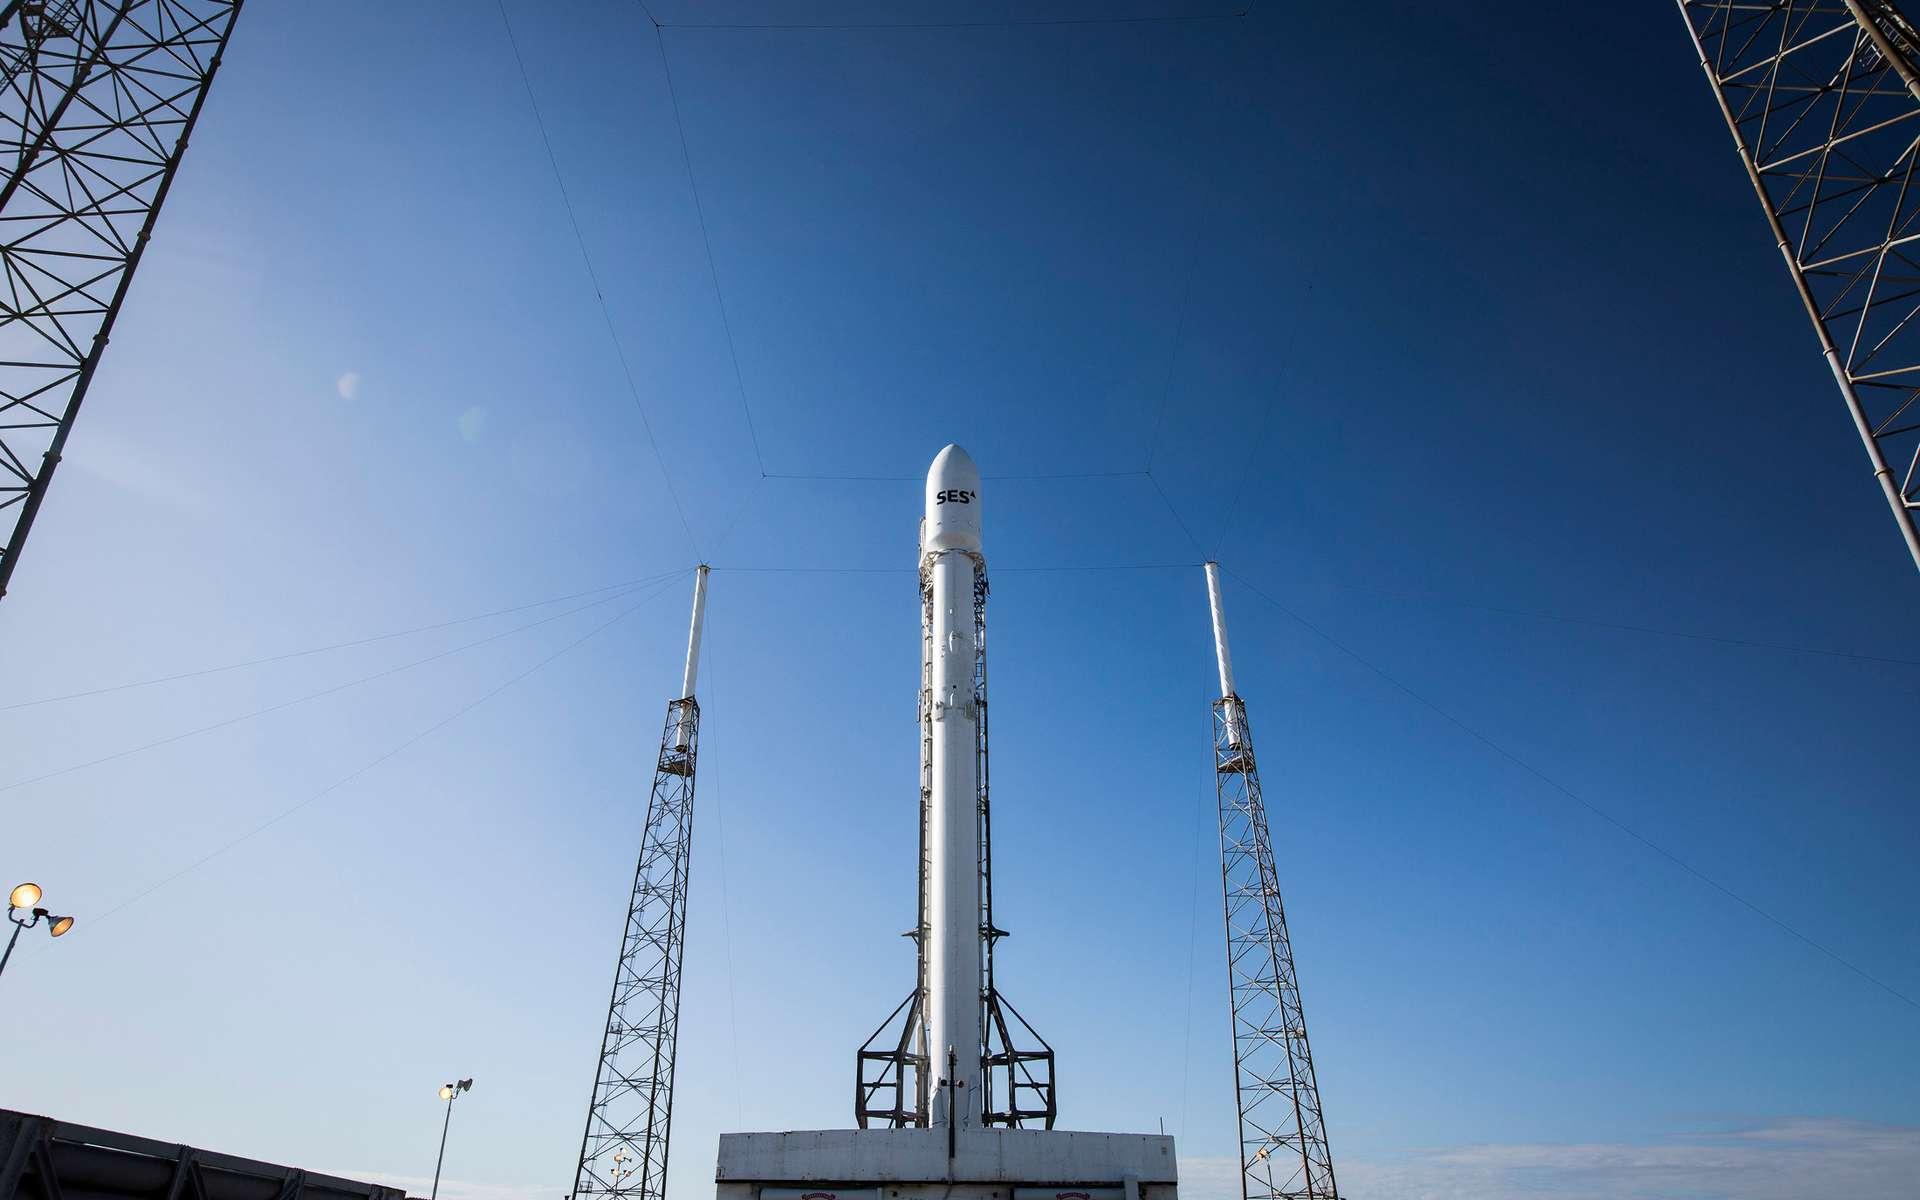 Après Jason 3 en janvier, pour son deuxième lancement de l'année, SpaceX change de braquet. Les 550 kilogrammes du satellite d'océanographie Jason 3 laissent la place aux 5,3 tonnes du satellite de télécommunications SES 9. © SpaceX